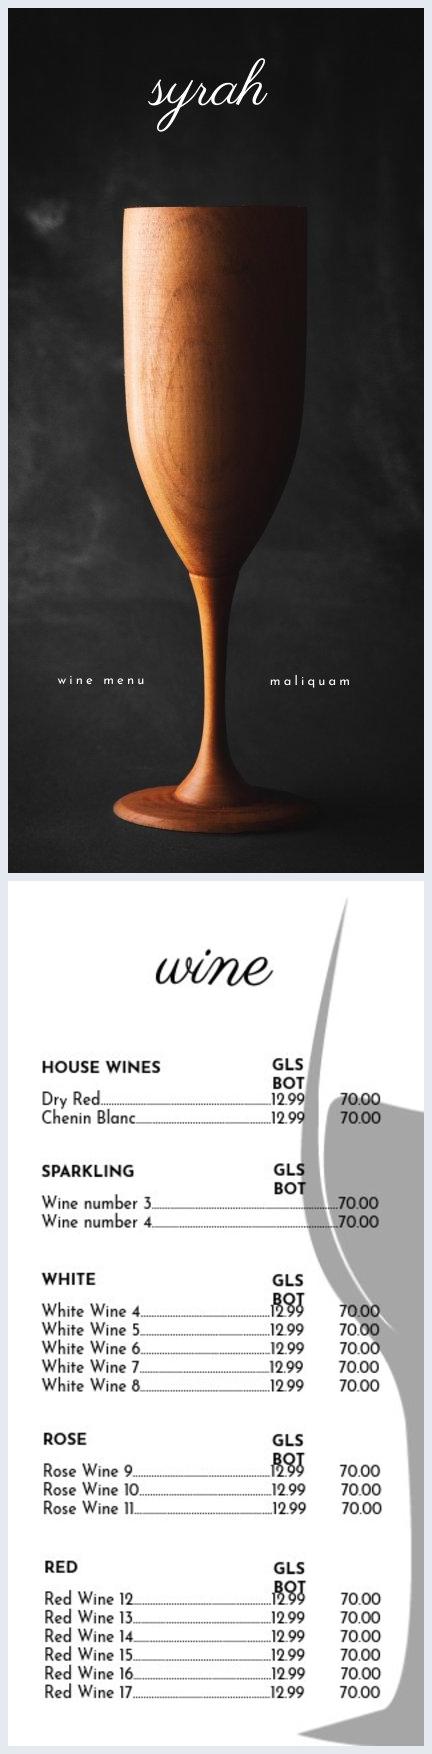 Plantilla para carta de vinos